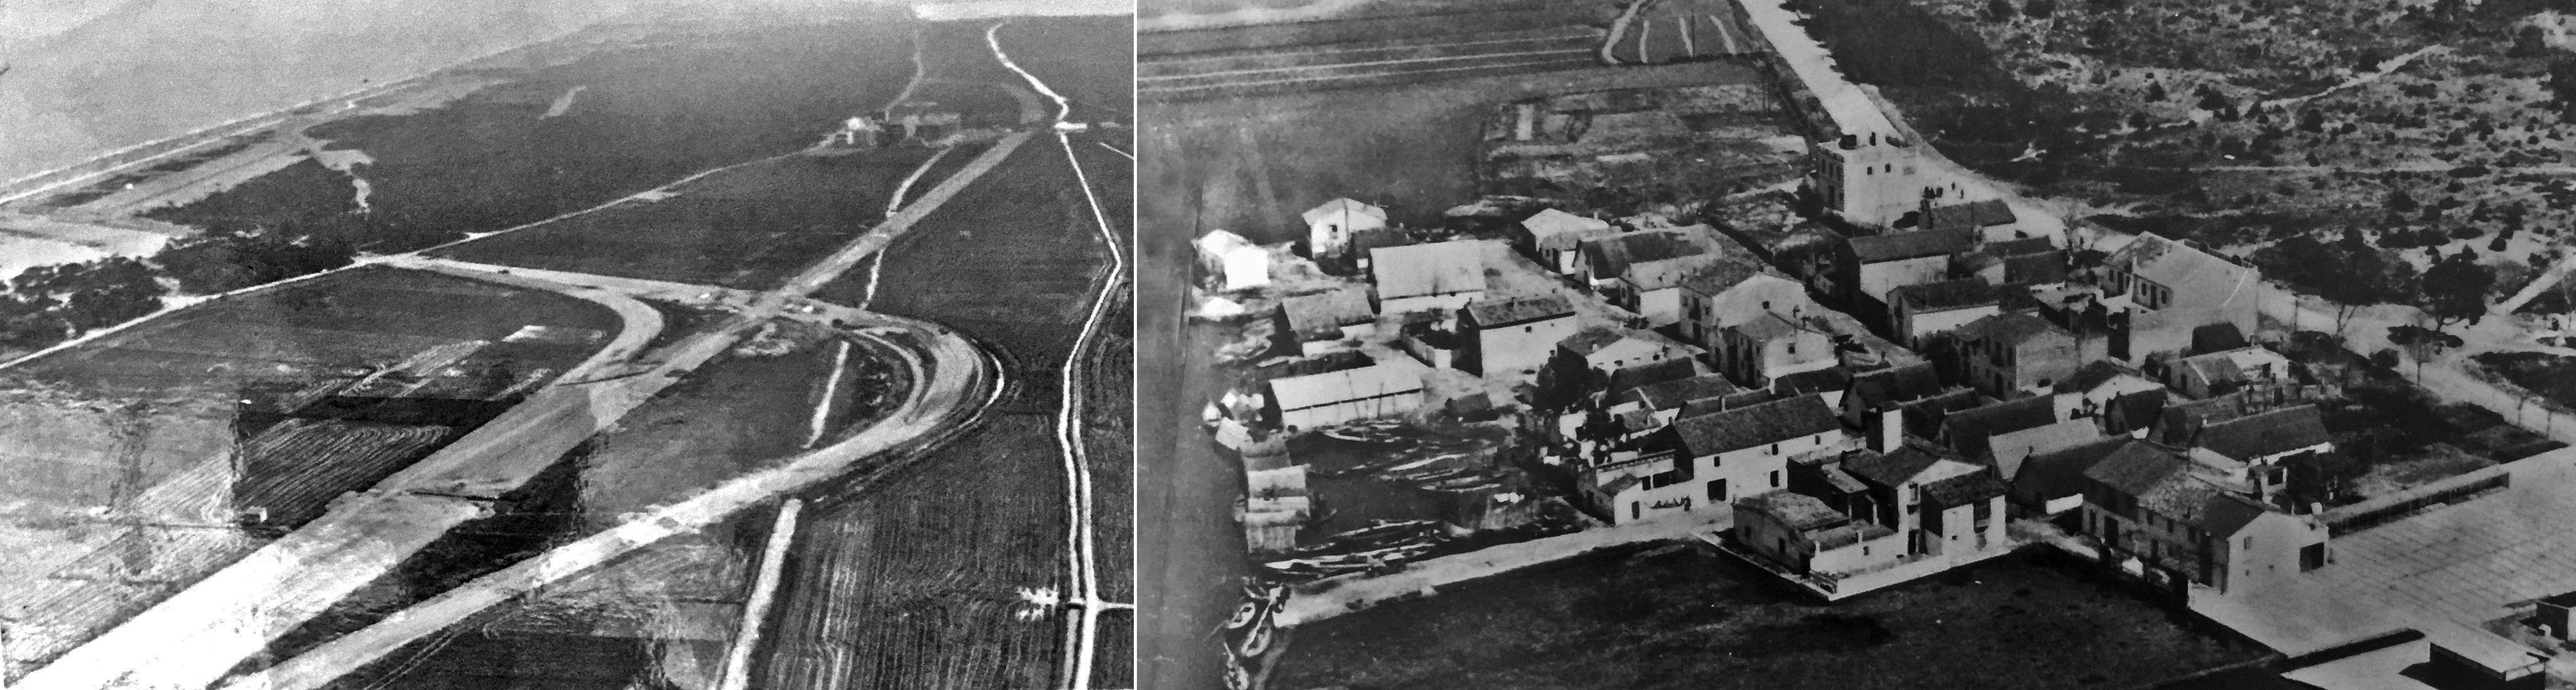 ElSaler 1971 Autopista y Previo